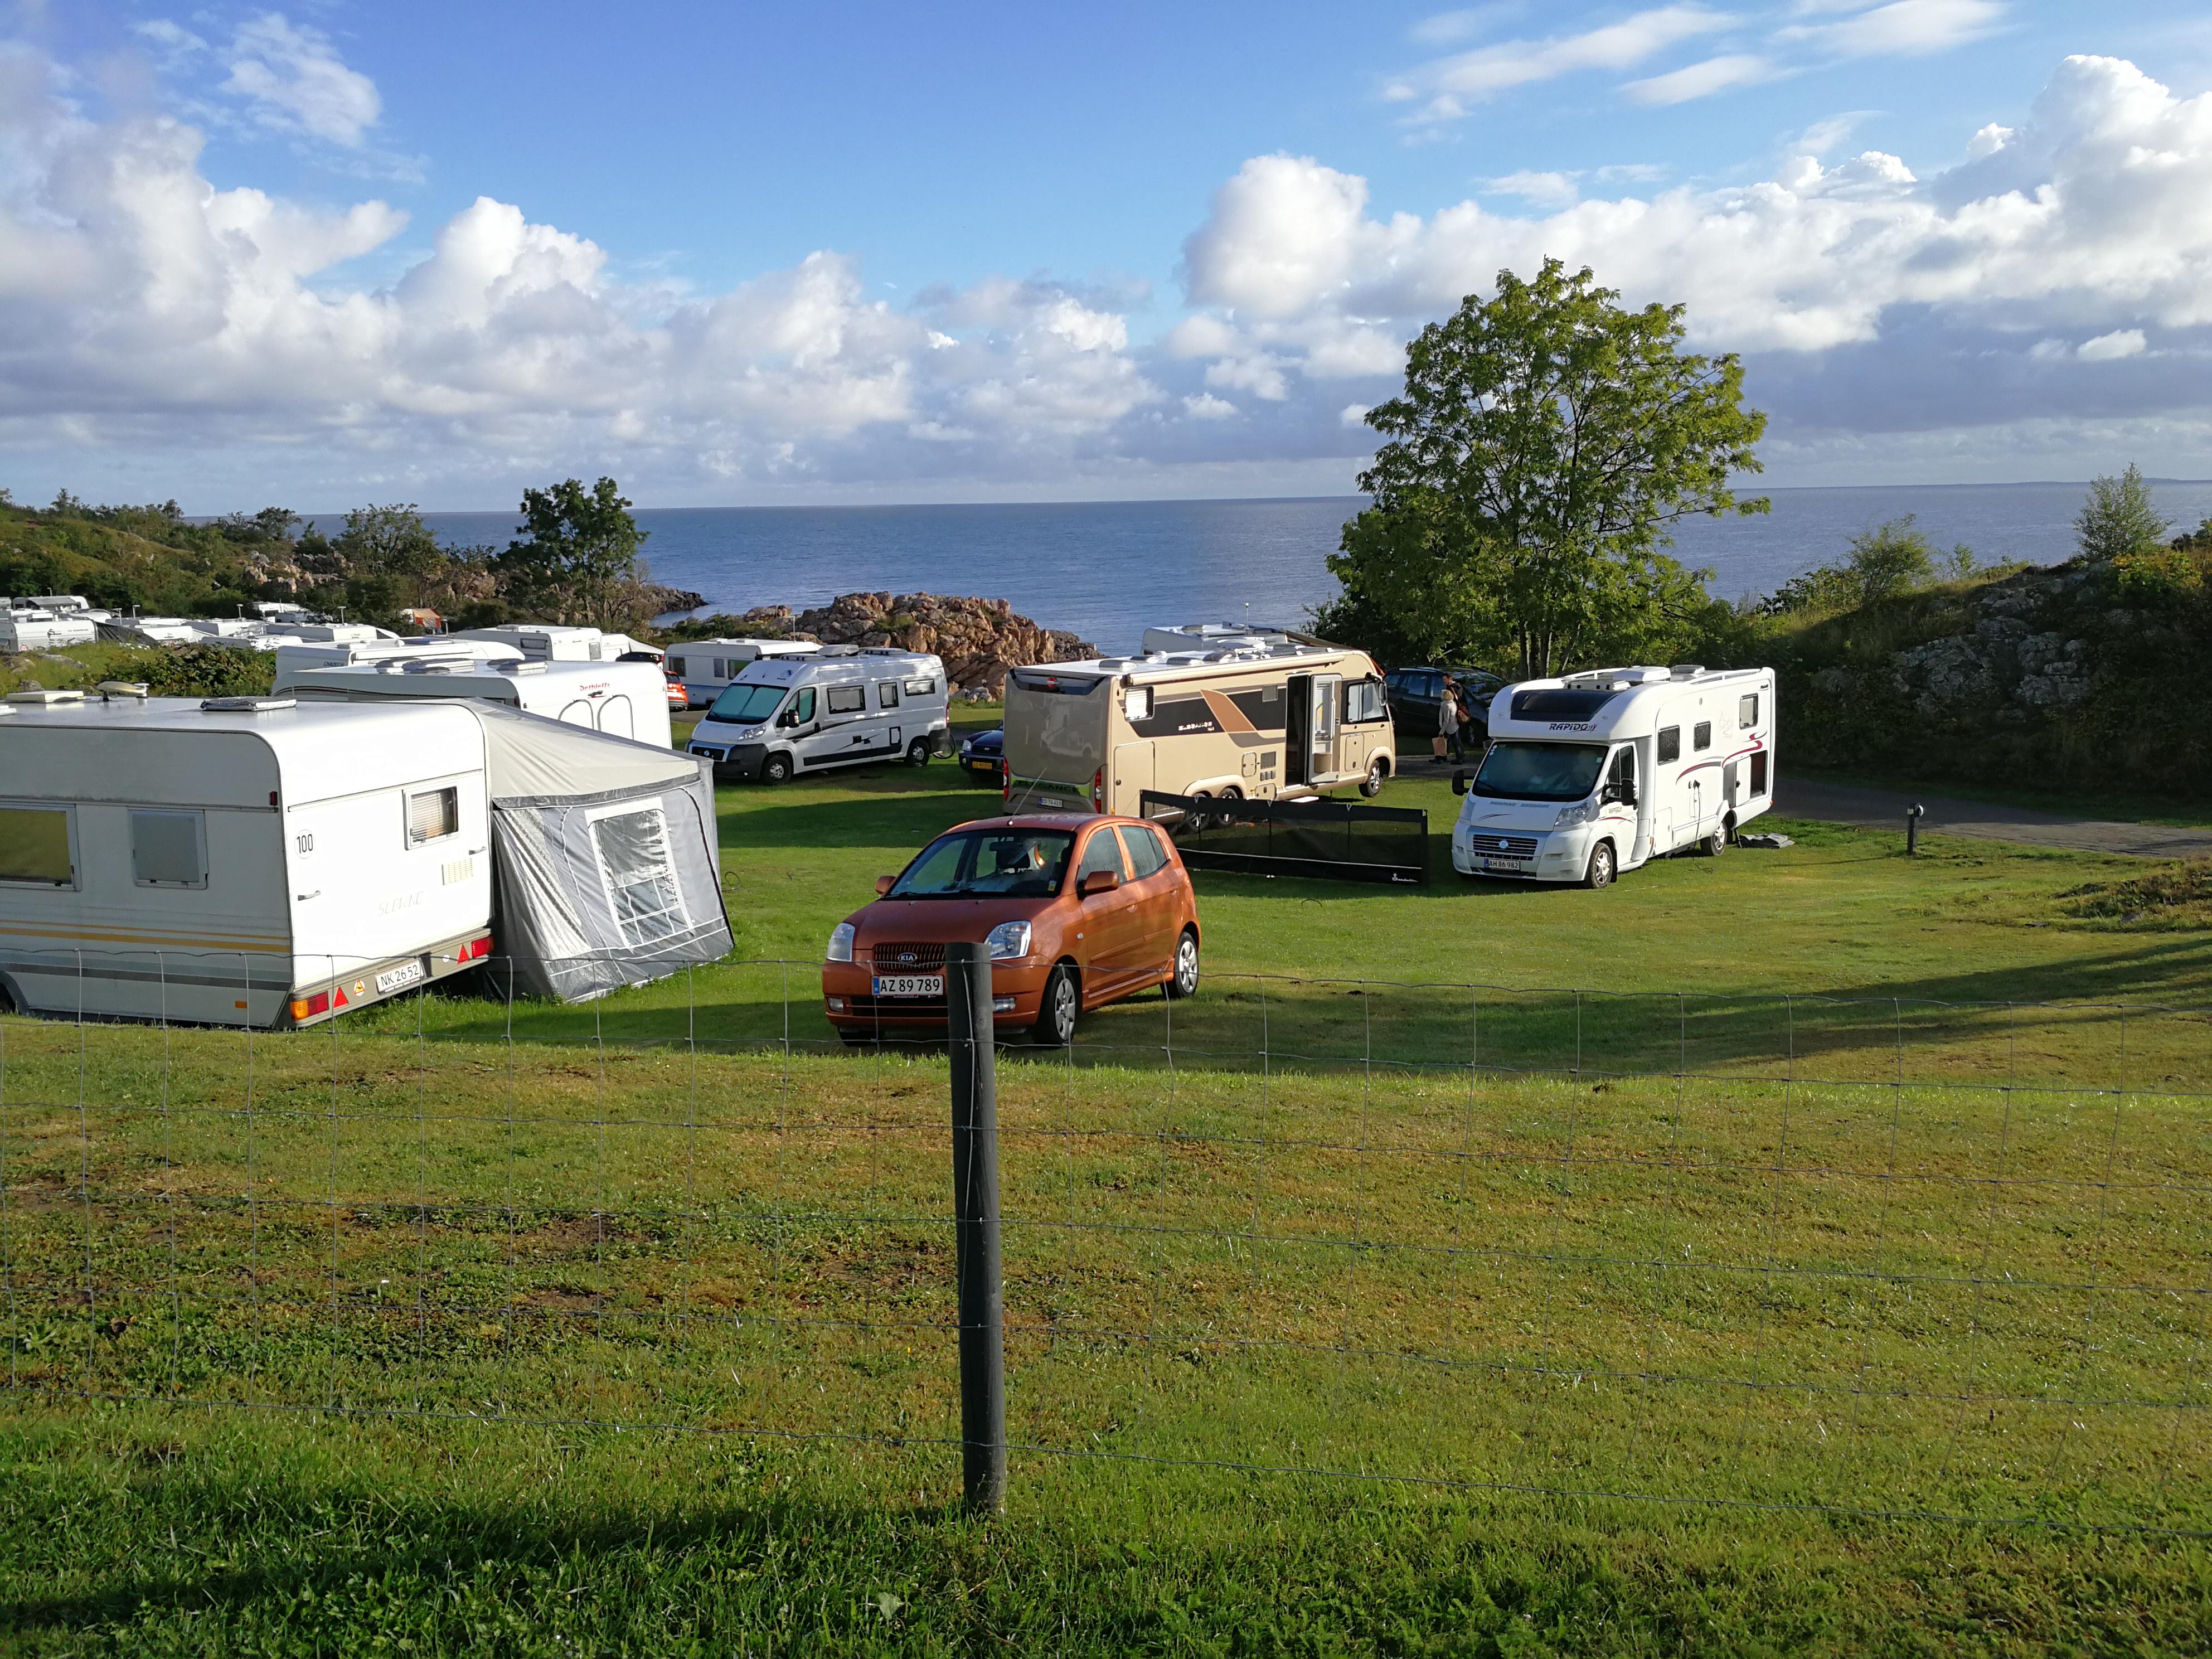 Gudhjem Camping